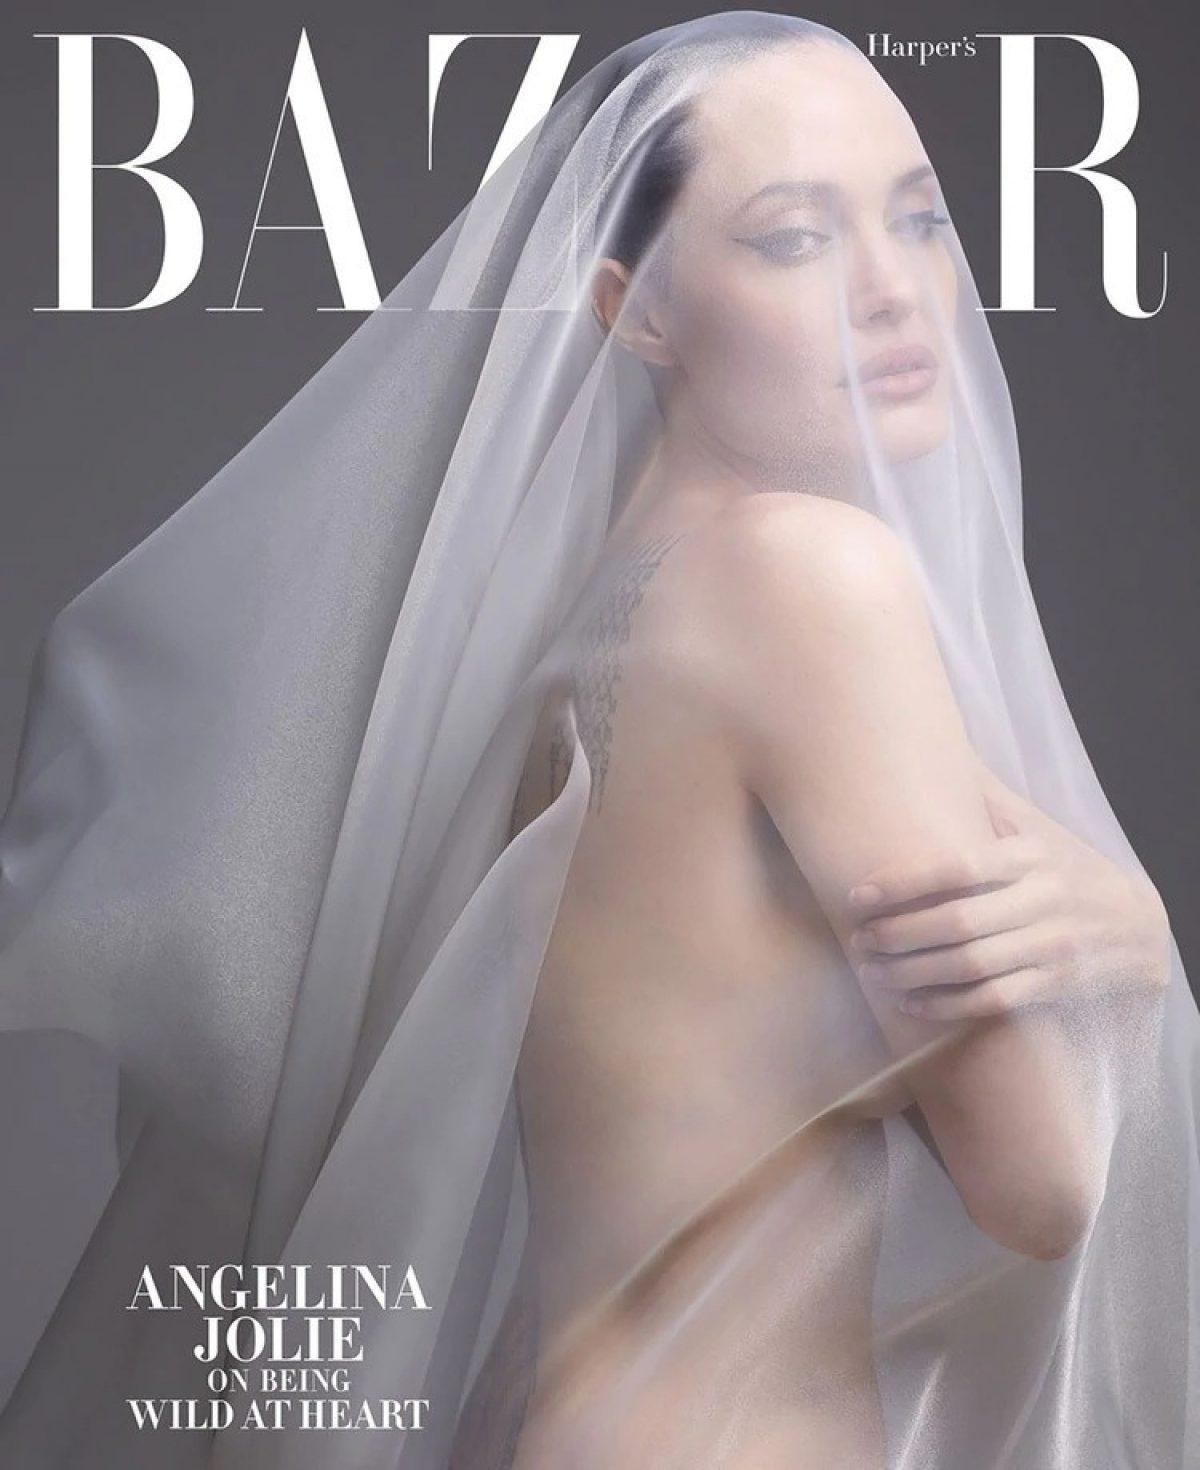 La entrevista de Harpers Bazaar en el cual Angelina Jolie se muestra tal cual es (Foto cortesía: Harpers Bazaar)